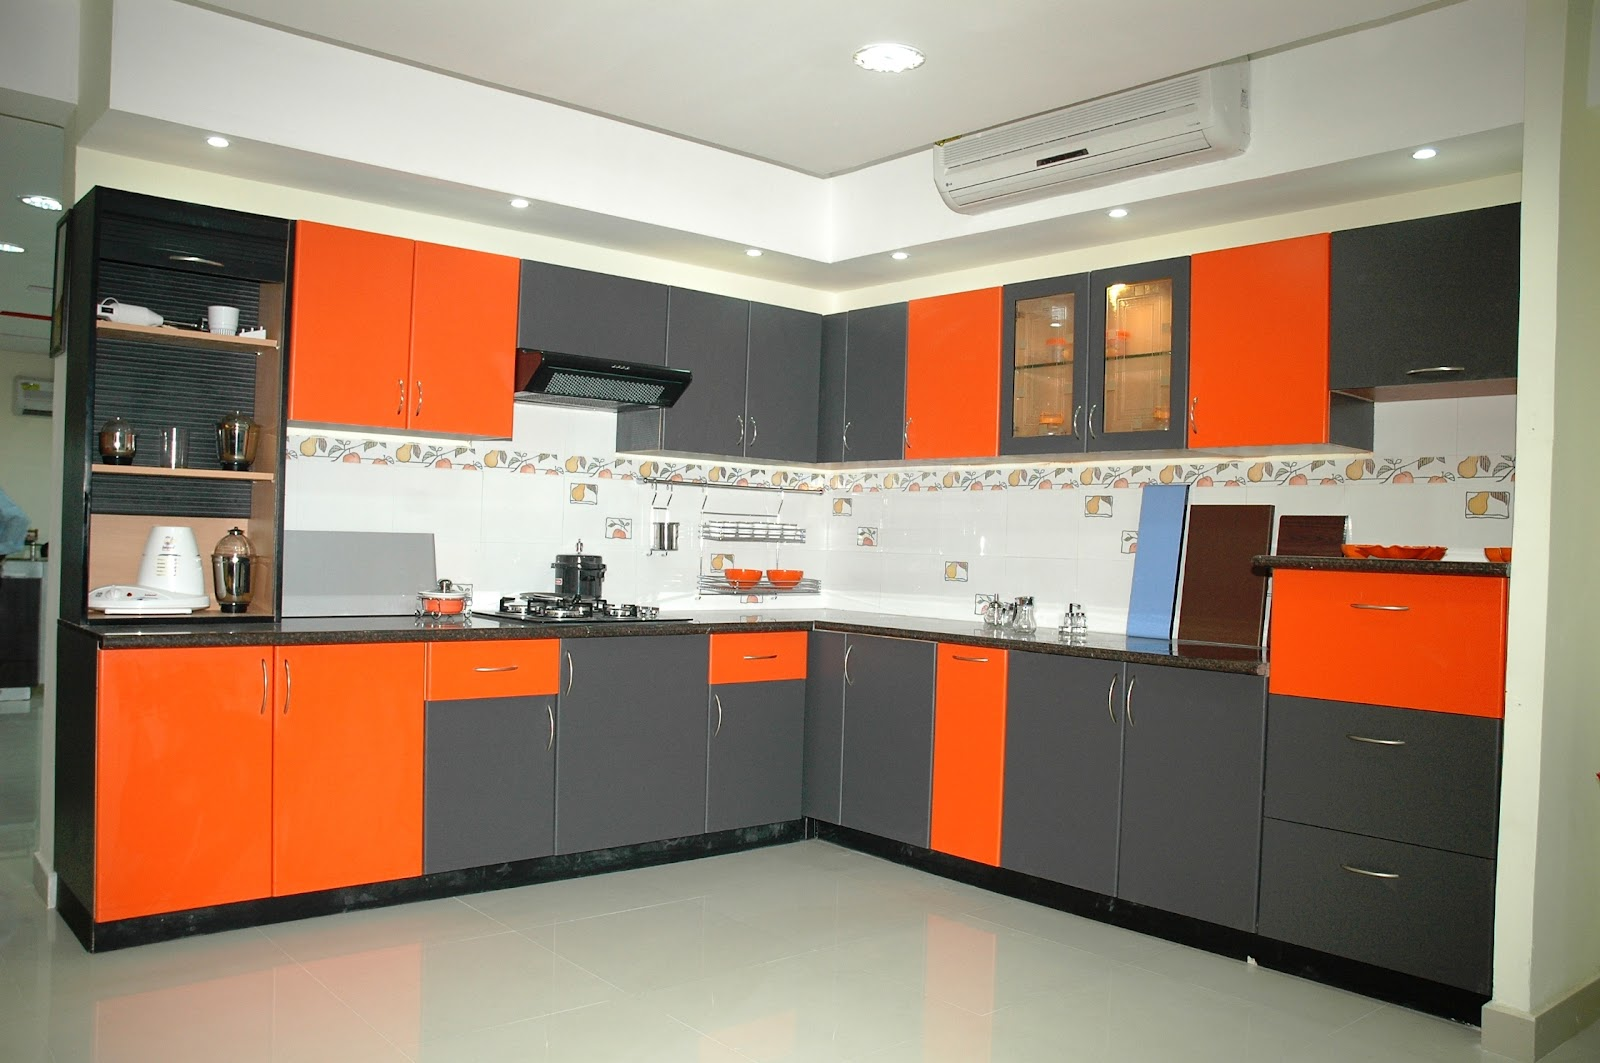 Perfect Modular Kitchens In Chennai Chennai Interior Modular Kitchen Modular  Kitchens Ideasidea